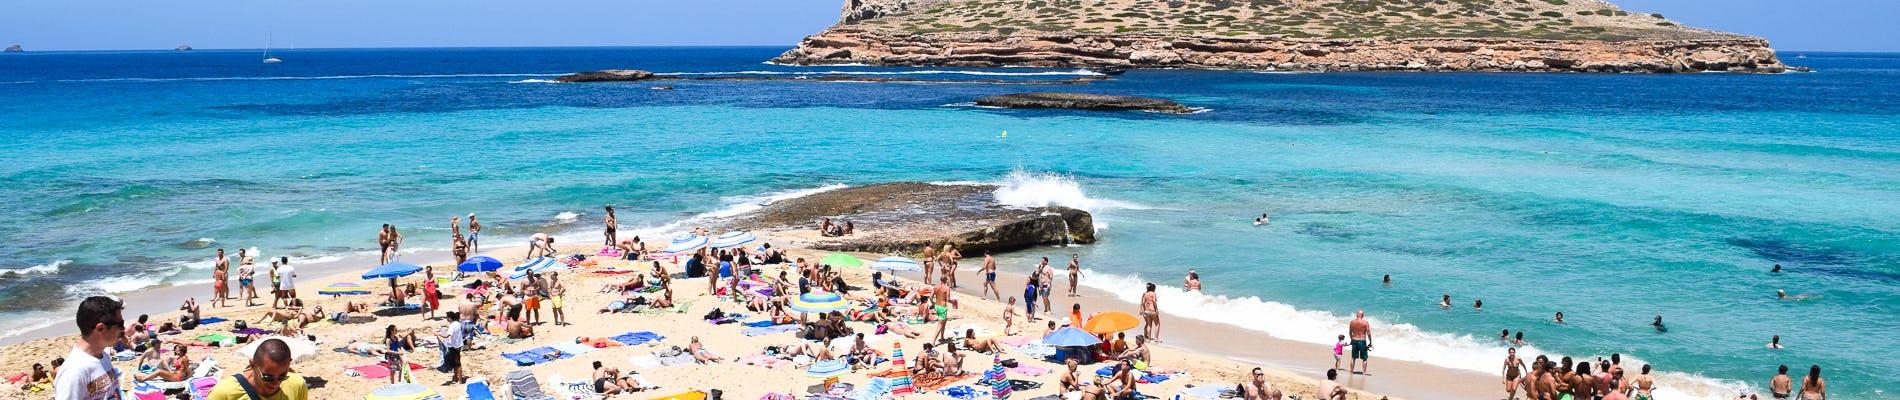 Cala Conta Ibiza Pictures, videos & insider tips